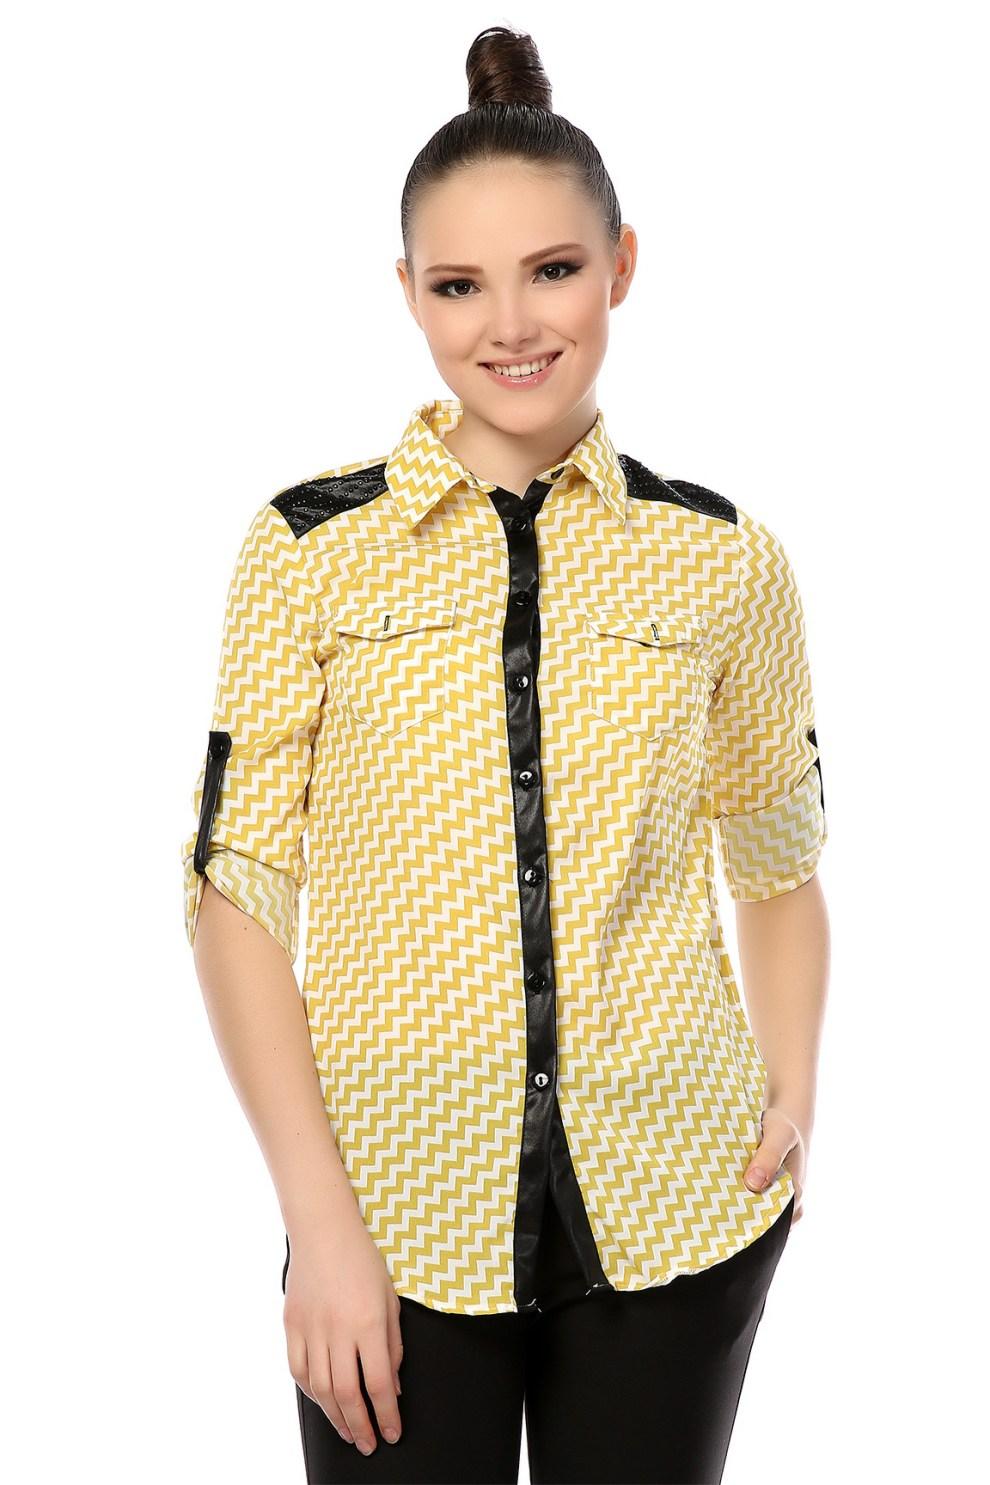 قمصان كاجوال نسائية لصيف 2017 ، ارقى تشكيلة قمصان صيفية للبنات 2017